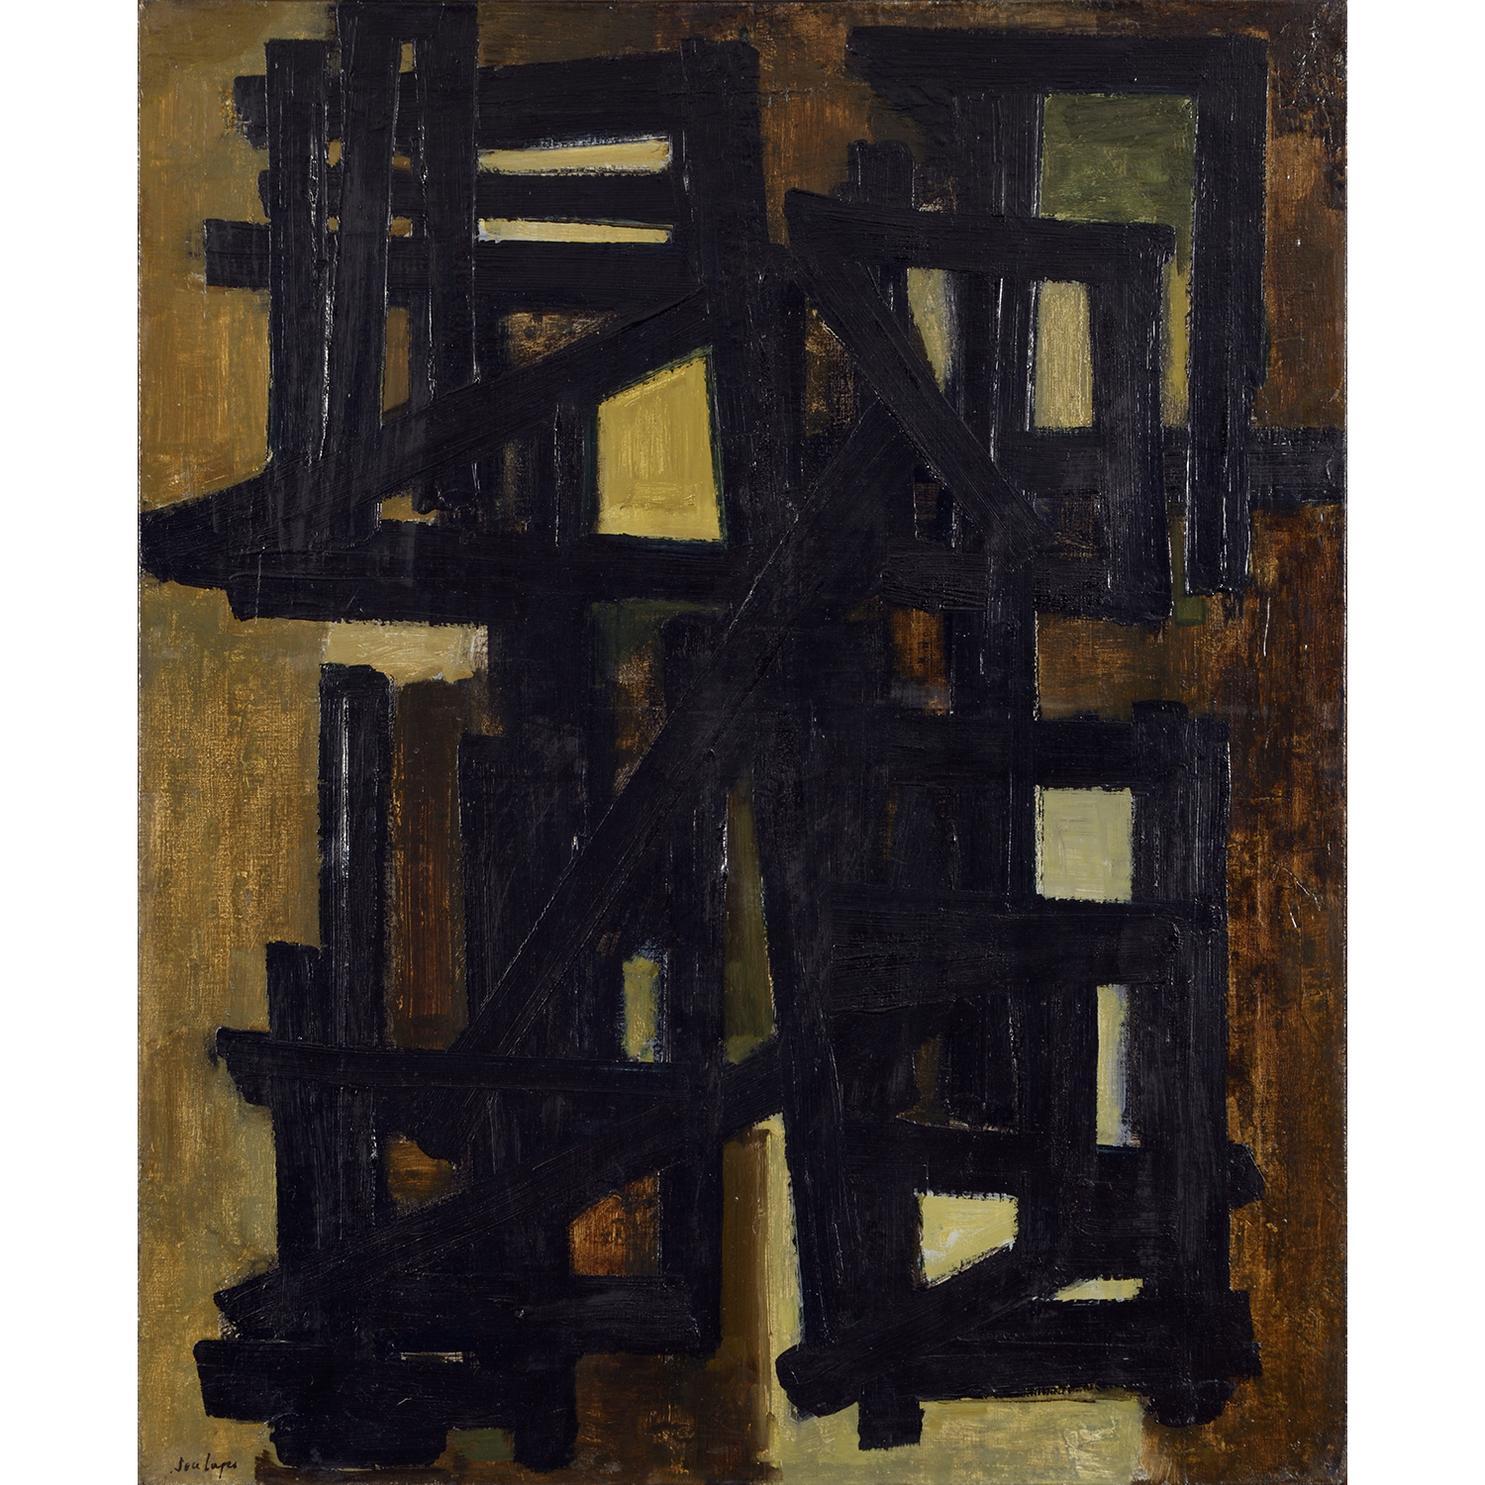 Pierre Soulages-Peinture 100 X 81 Cm, 5 Avril 1951-1951